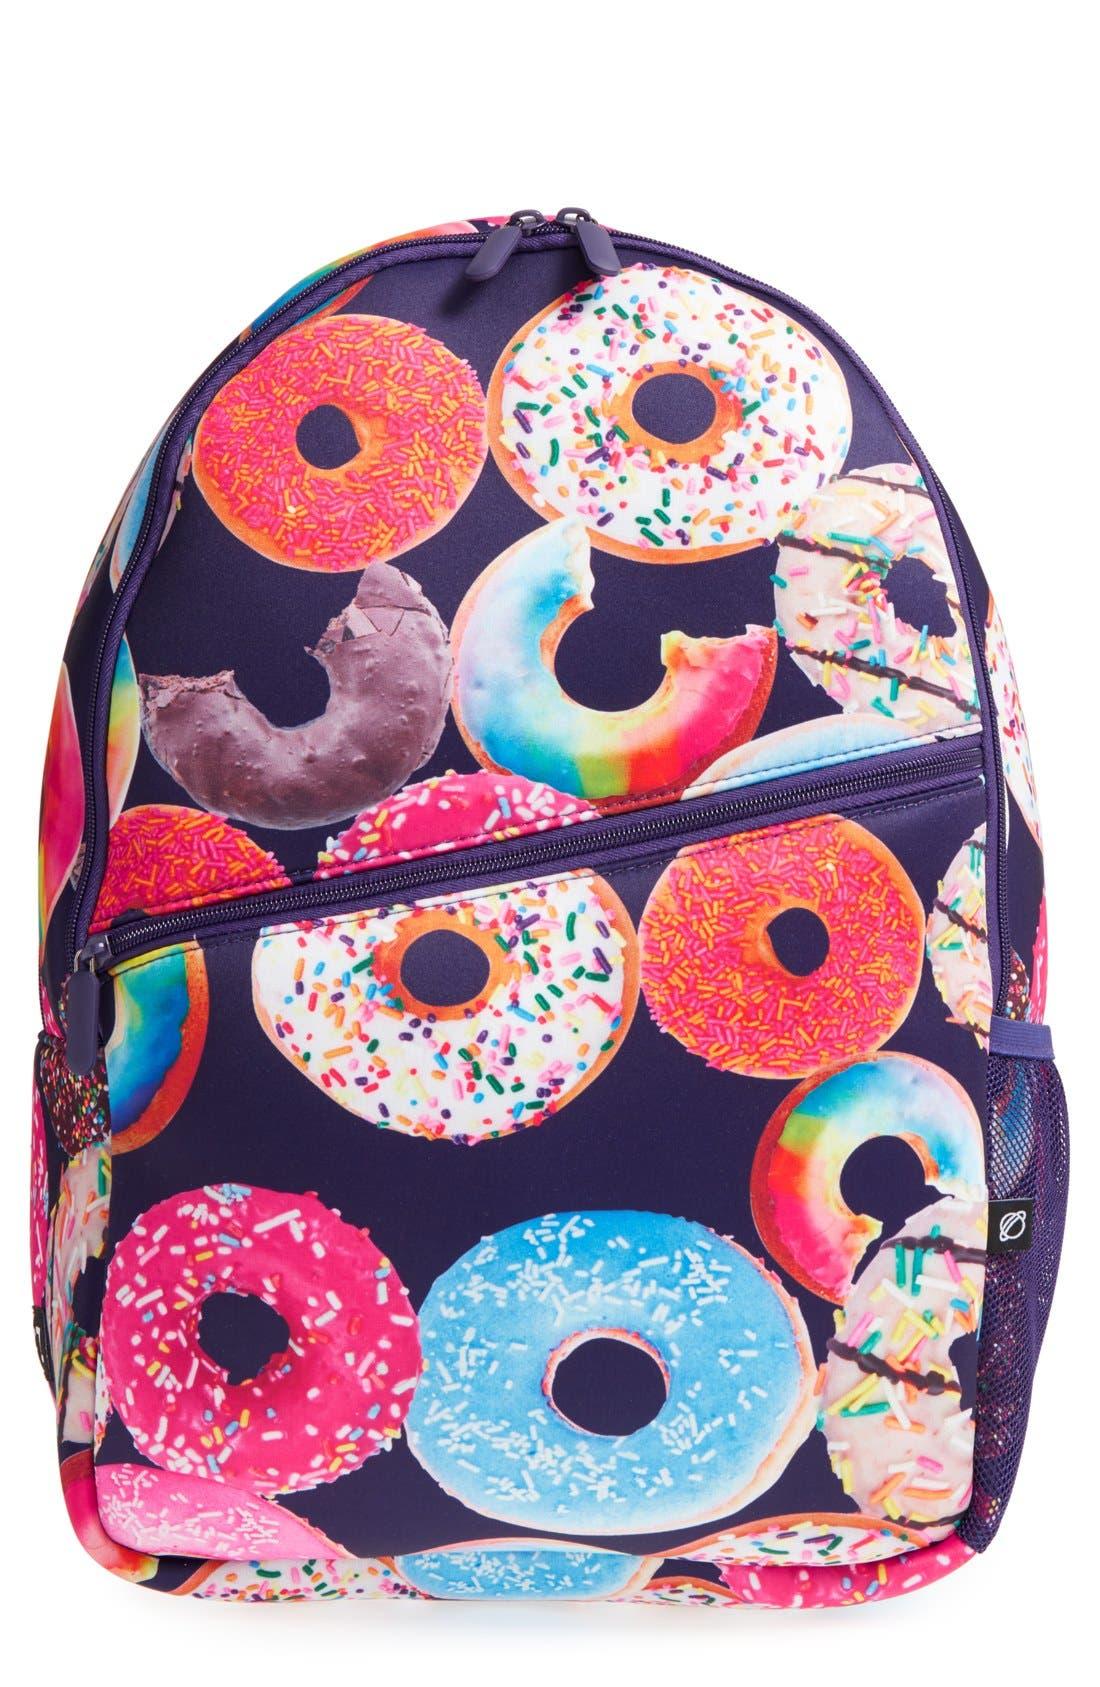 'Donut Shop' Neoprene Backpack,                             Main thumbnail 1, color,                             Black Multi